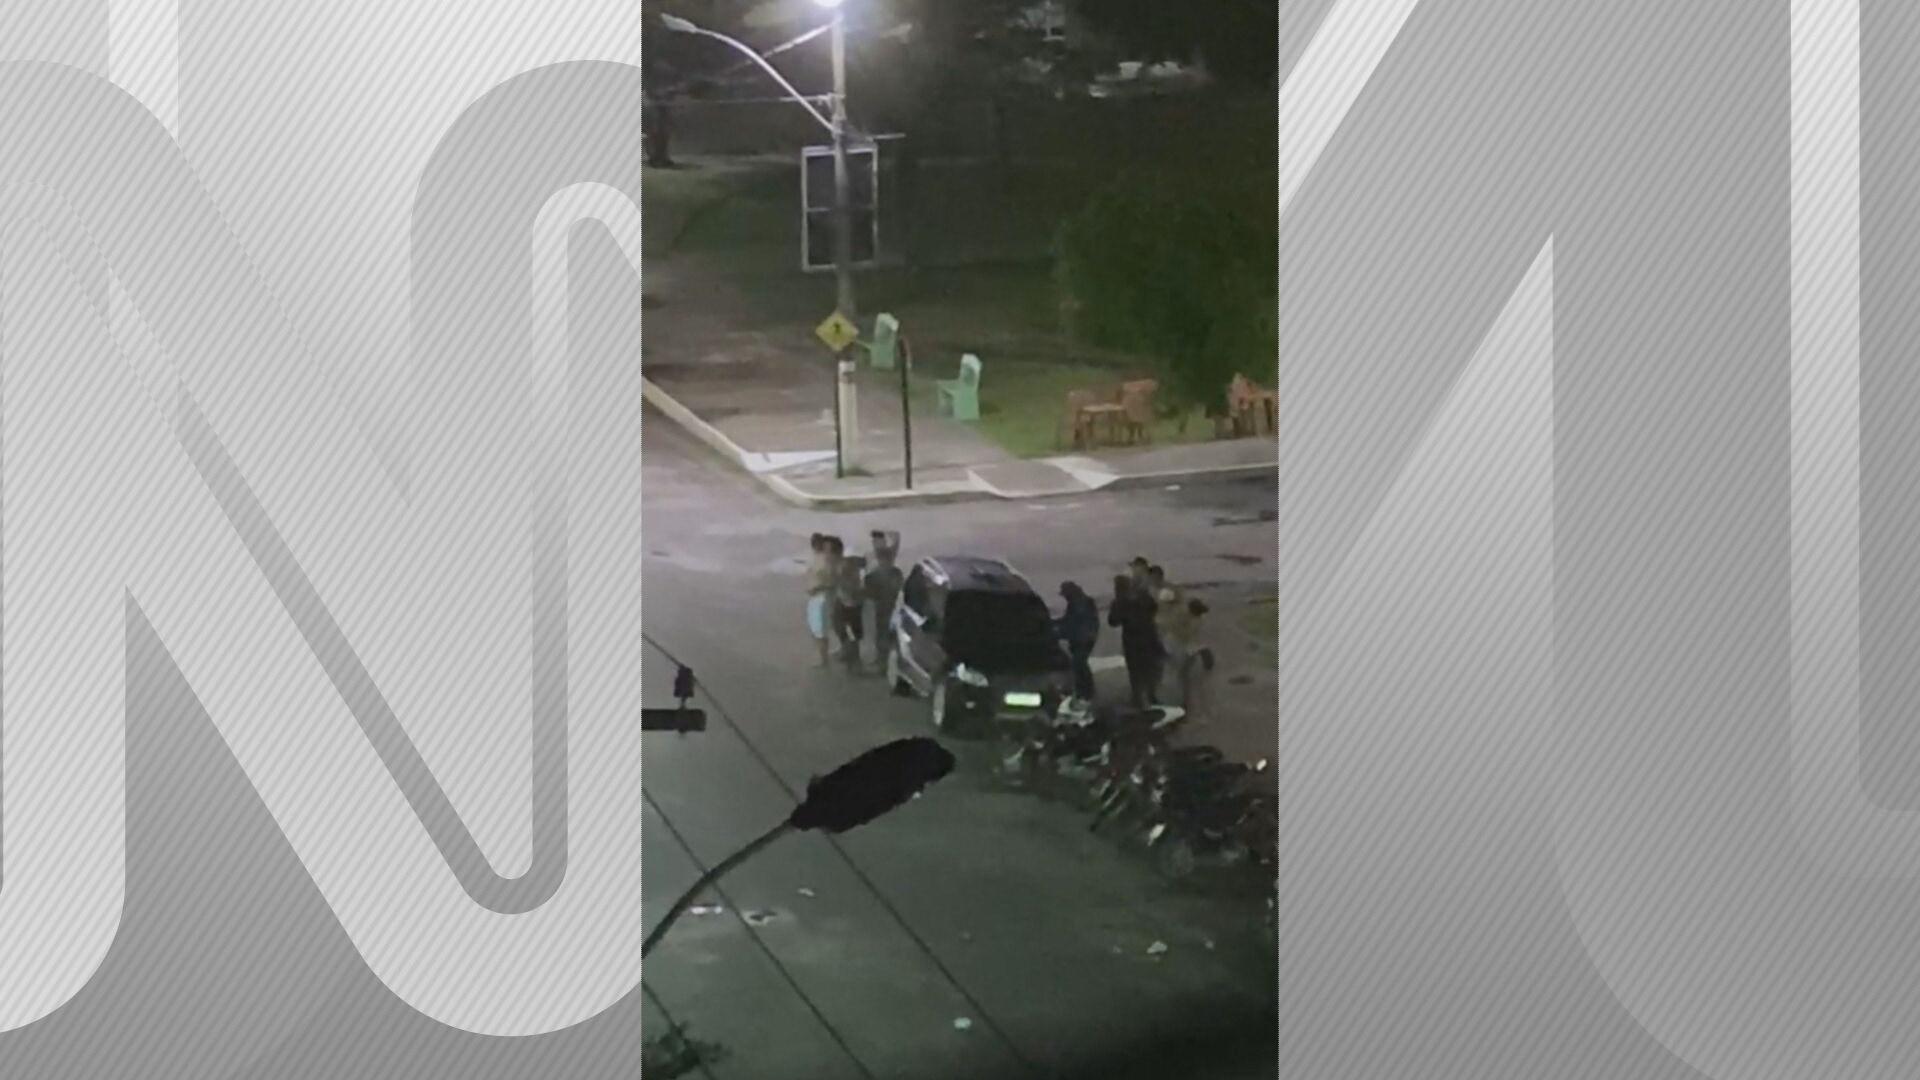 Quadrilha assaltou um banco e fez pessoas reféns em uma praça em Cametá (PA)